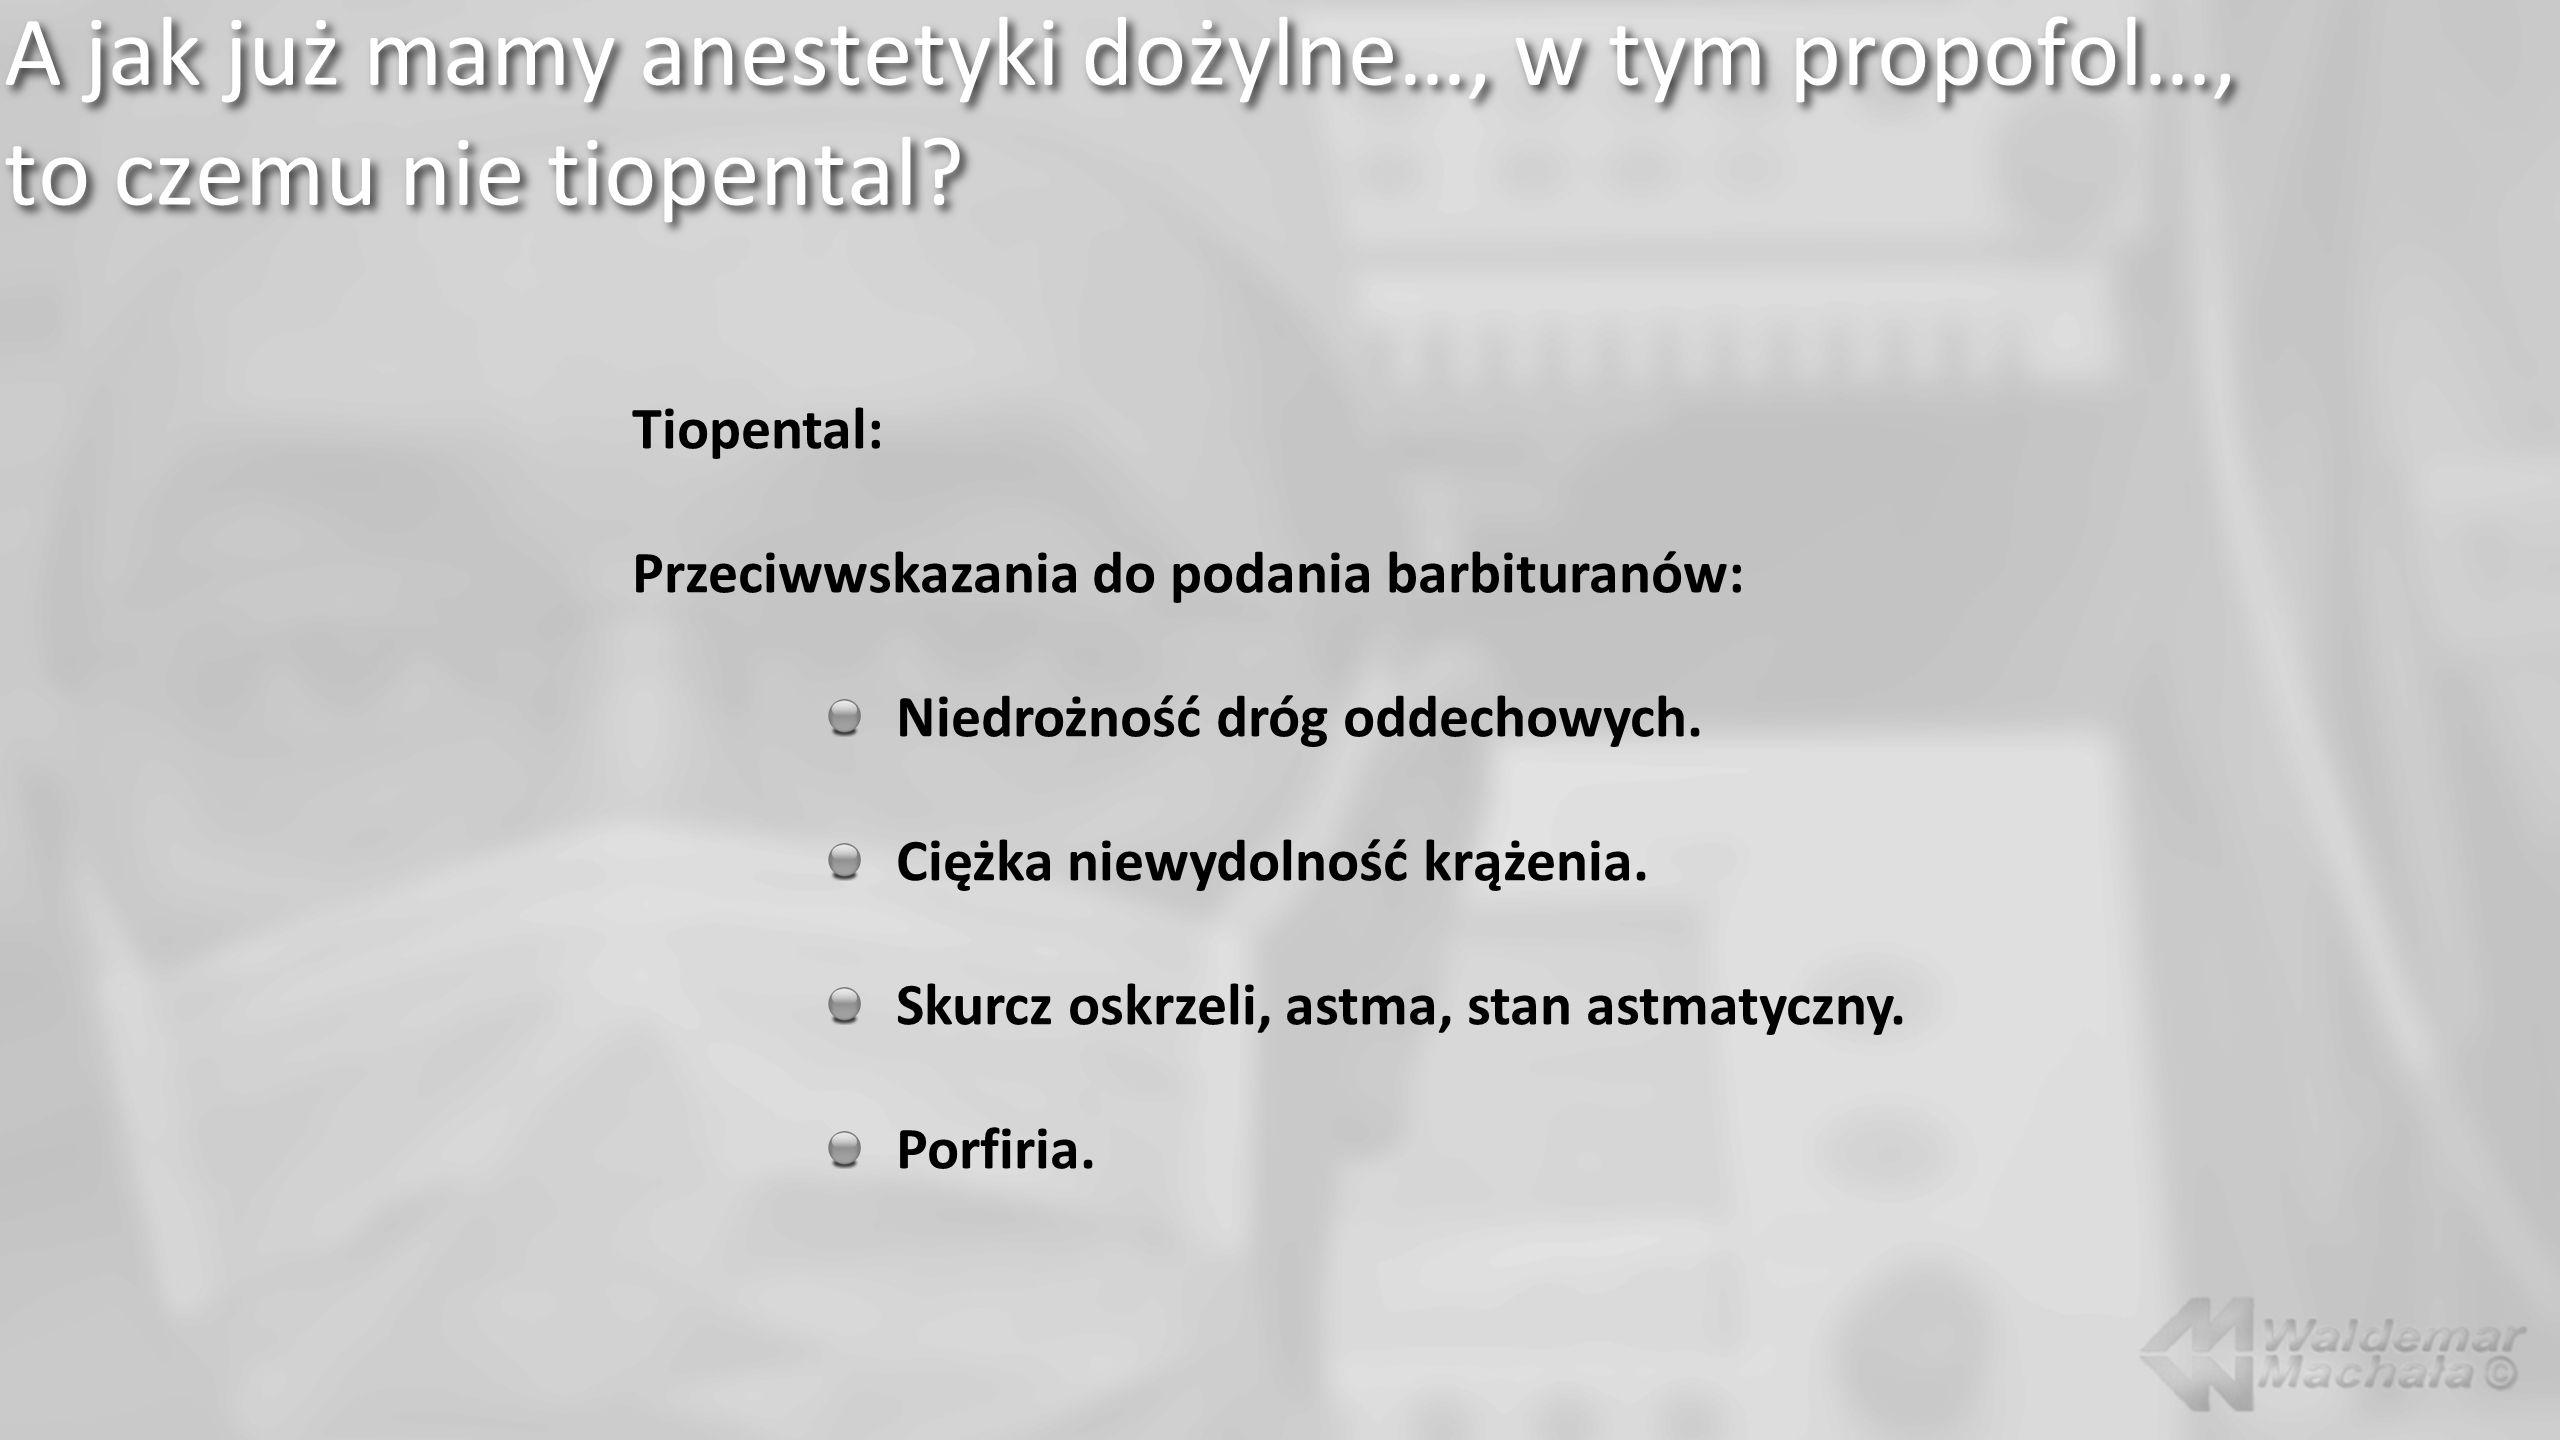 A jak już mamy anestetyki dożylne…, w tym propofol…, to czemu nie tiopental? Tiopental: Przeciwwskazania do podania barbituranów: Niedrożność dróg odd